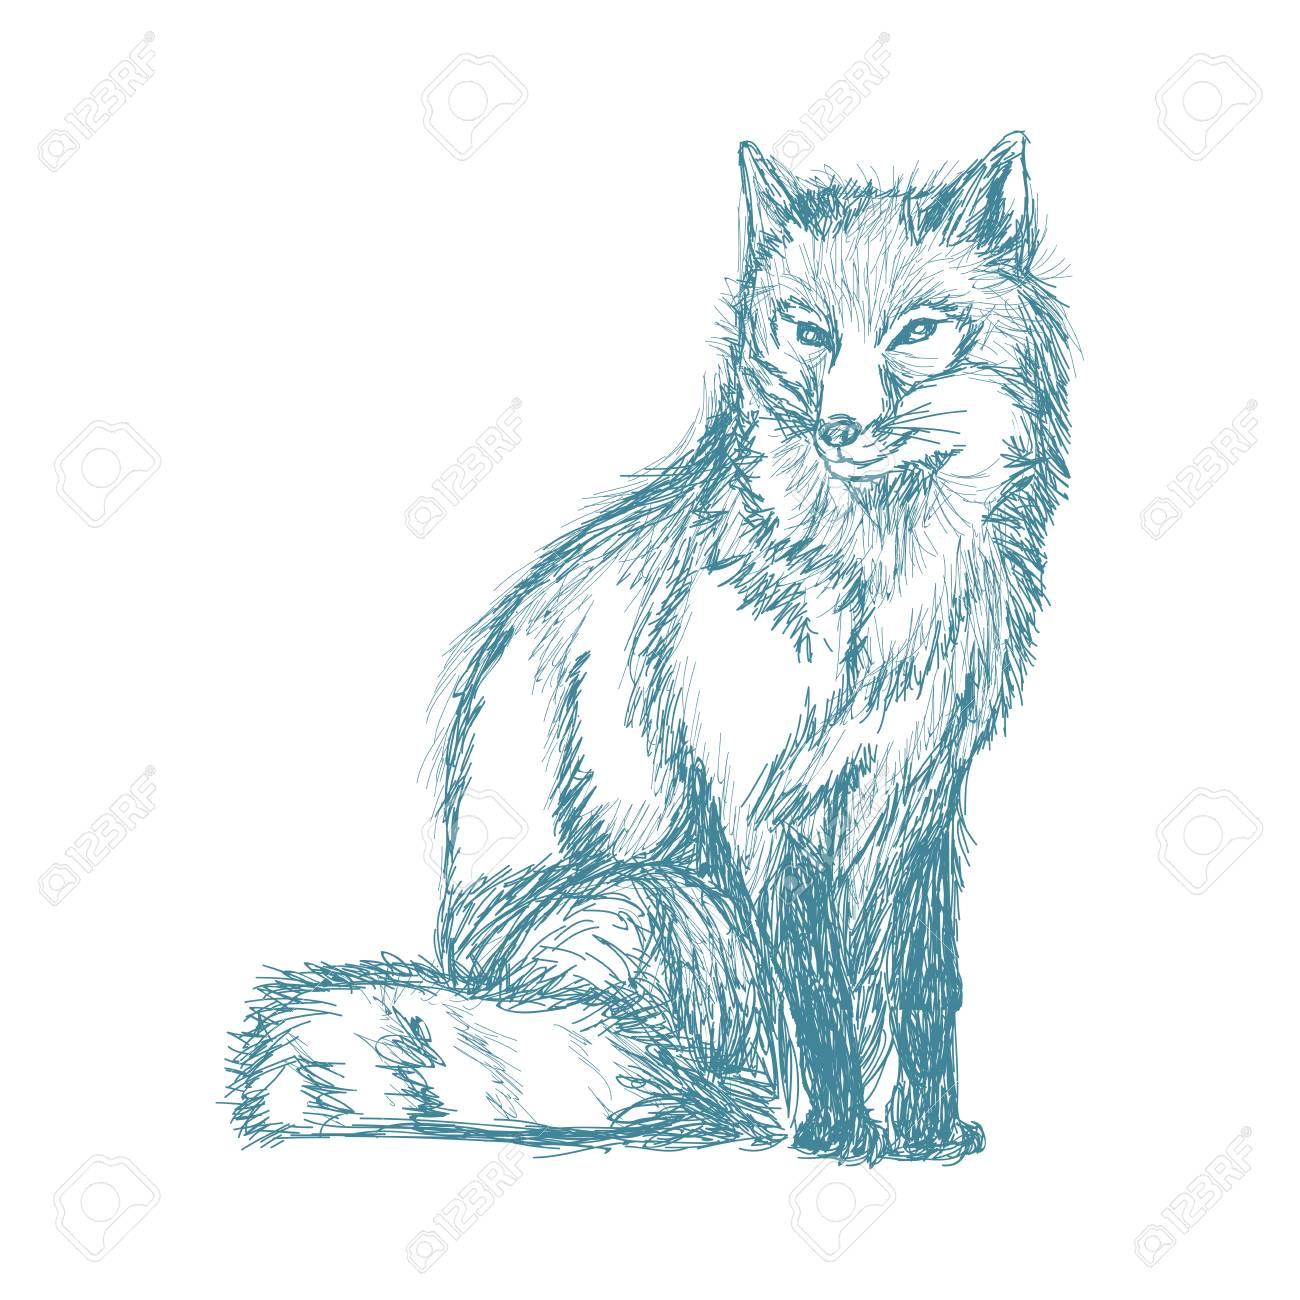 Imagen De Animal De La Fauna De Lobo Es Dibujado A Mano Dibujo A